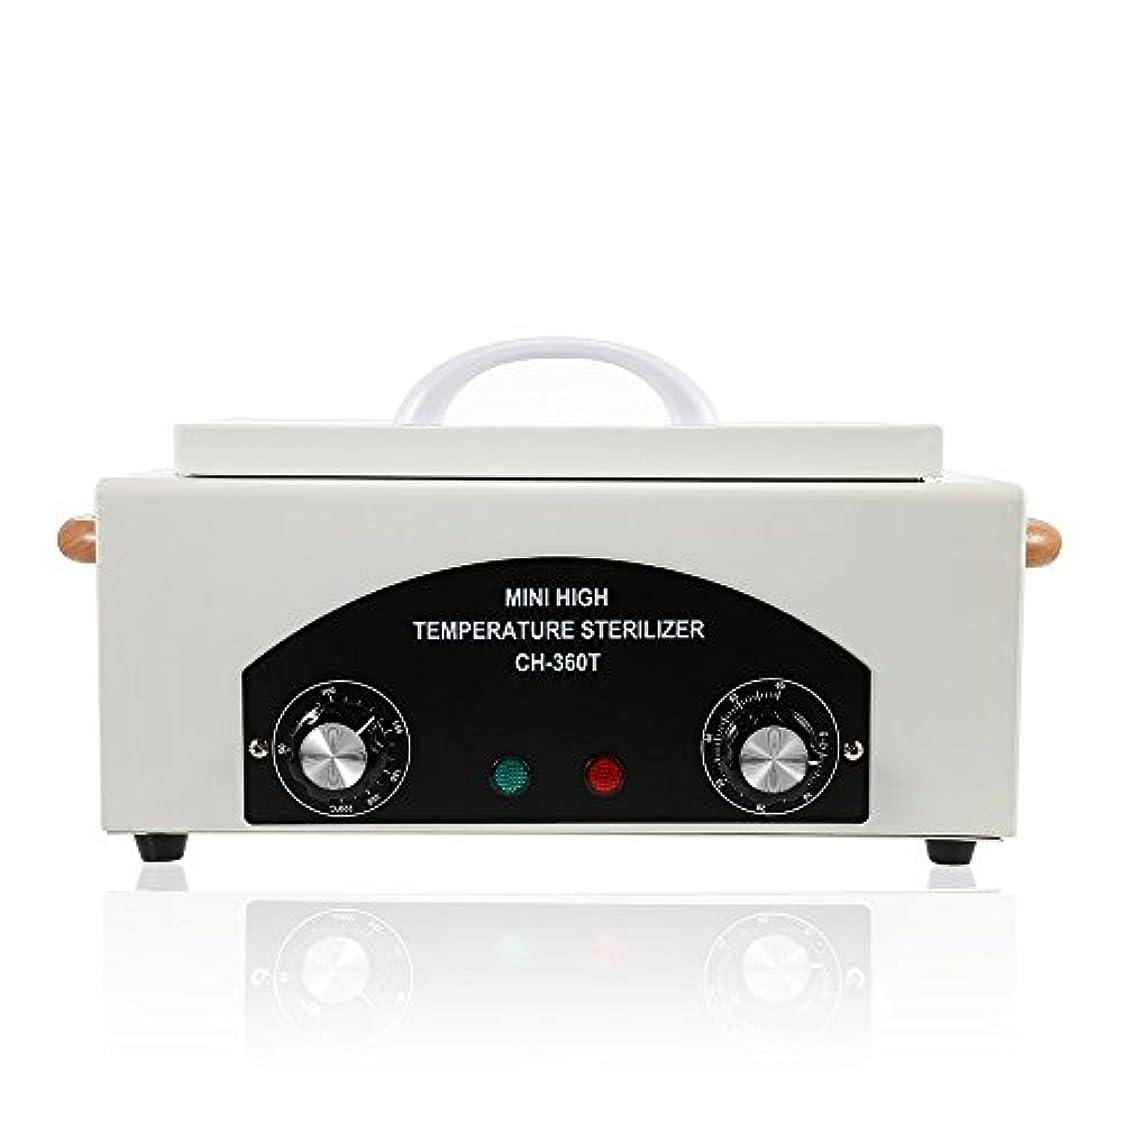 不安定インクフレッシュ高温殺菌装置 ネイルボックス サロン美容ツール 爪消毒用具 乾熱ポータブル殺菌装置